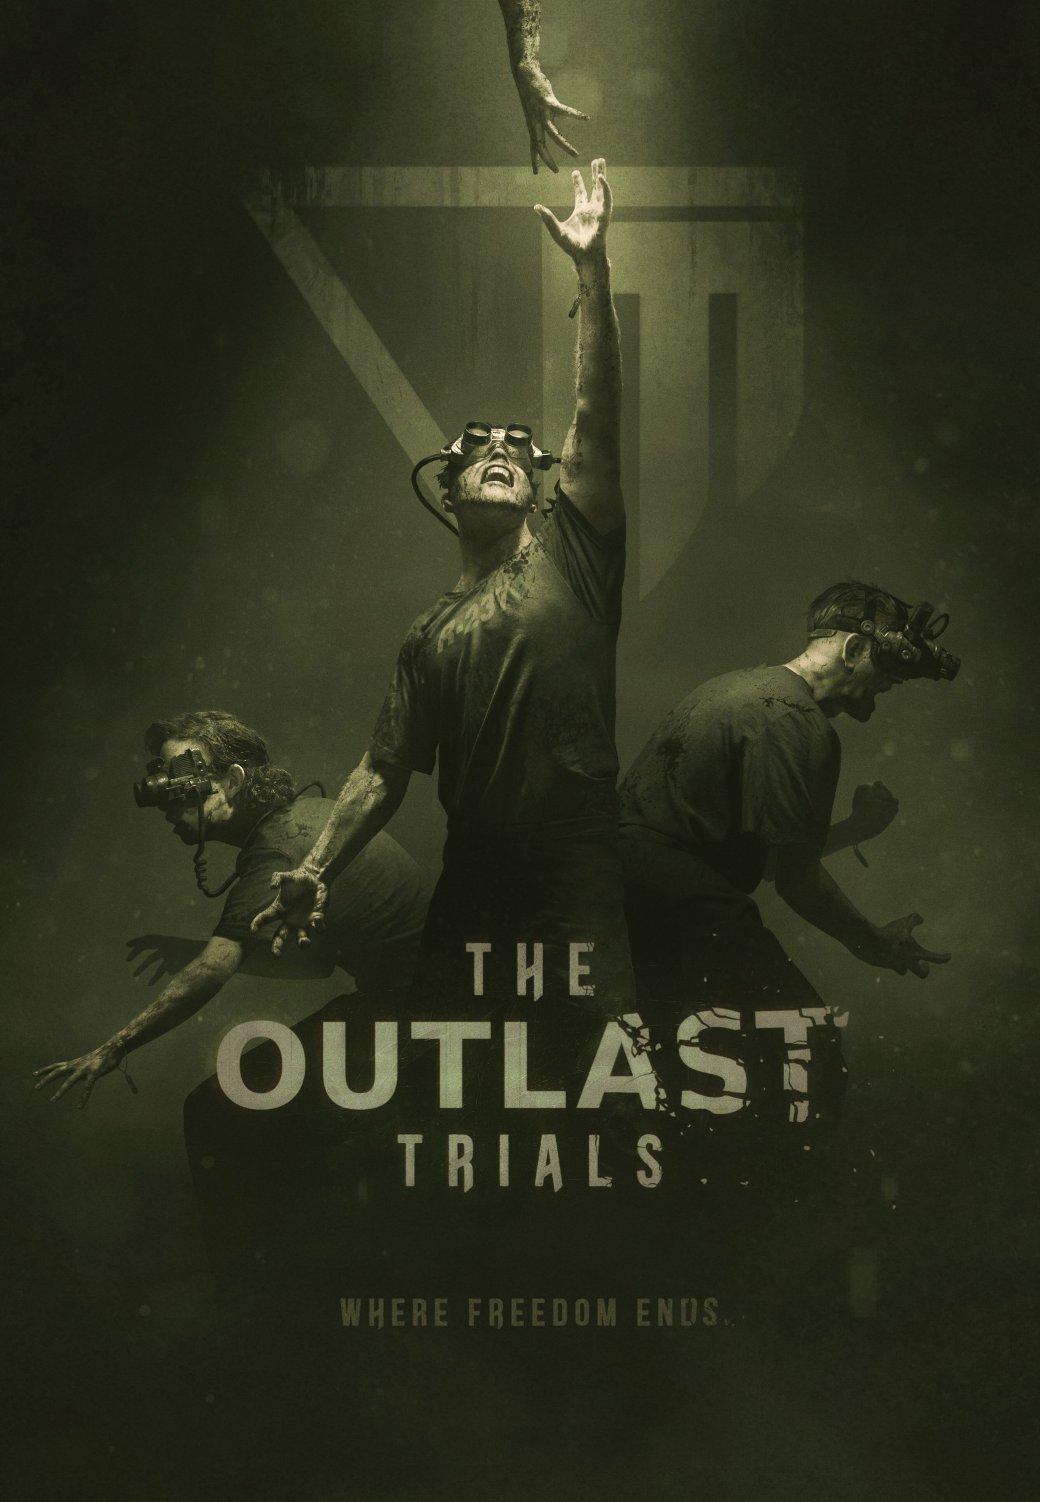 Создатели Outlast анонсировали кооперативный спин-офф — The Outlast Trials